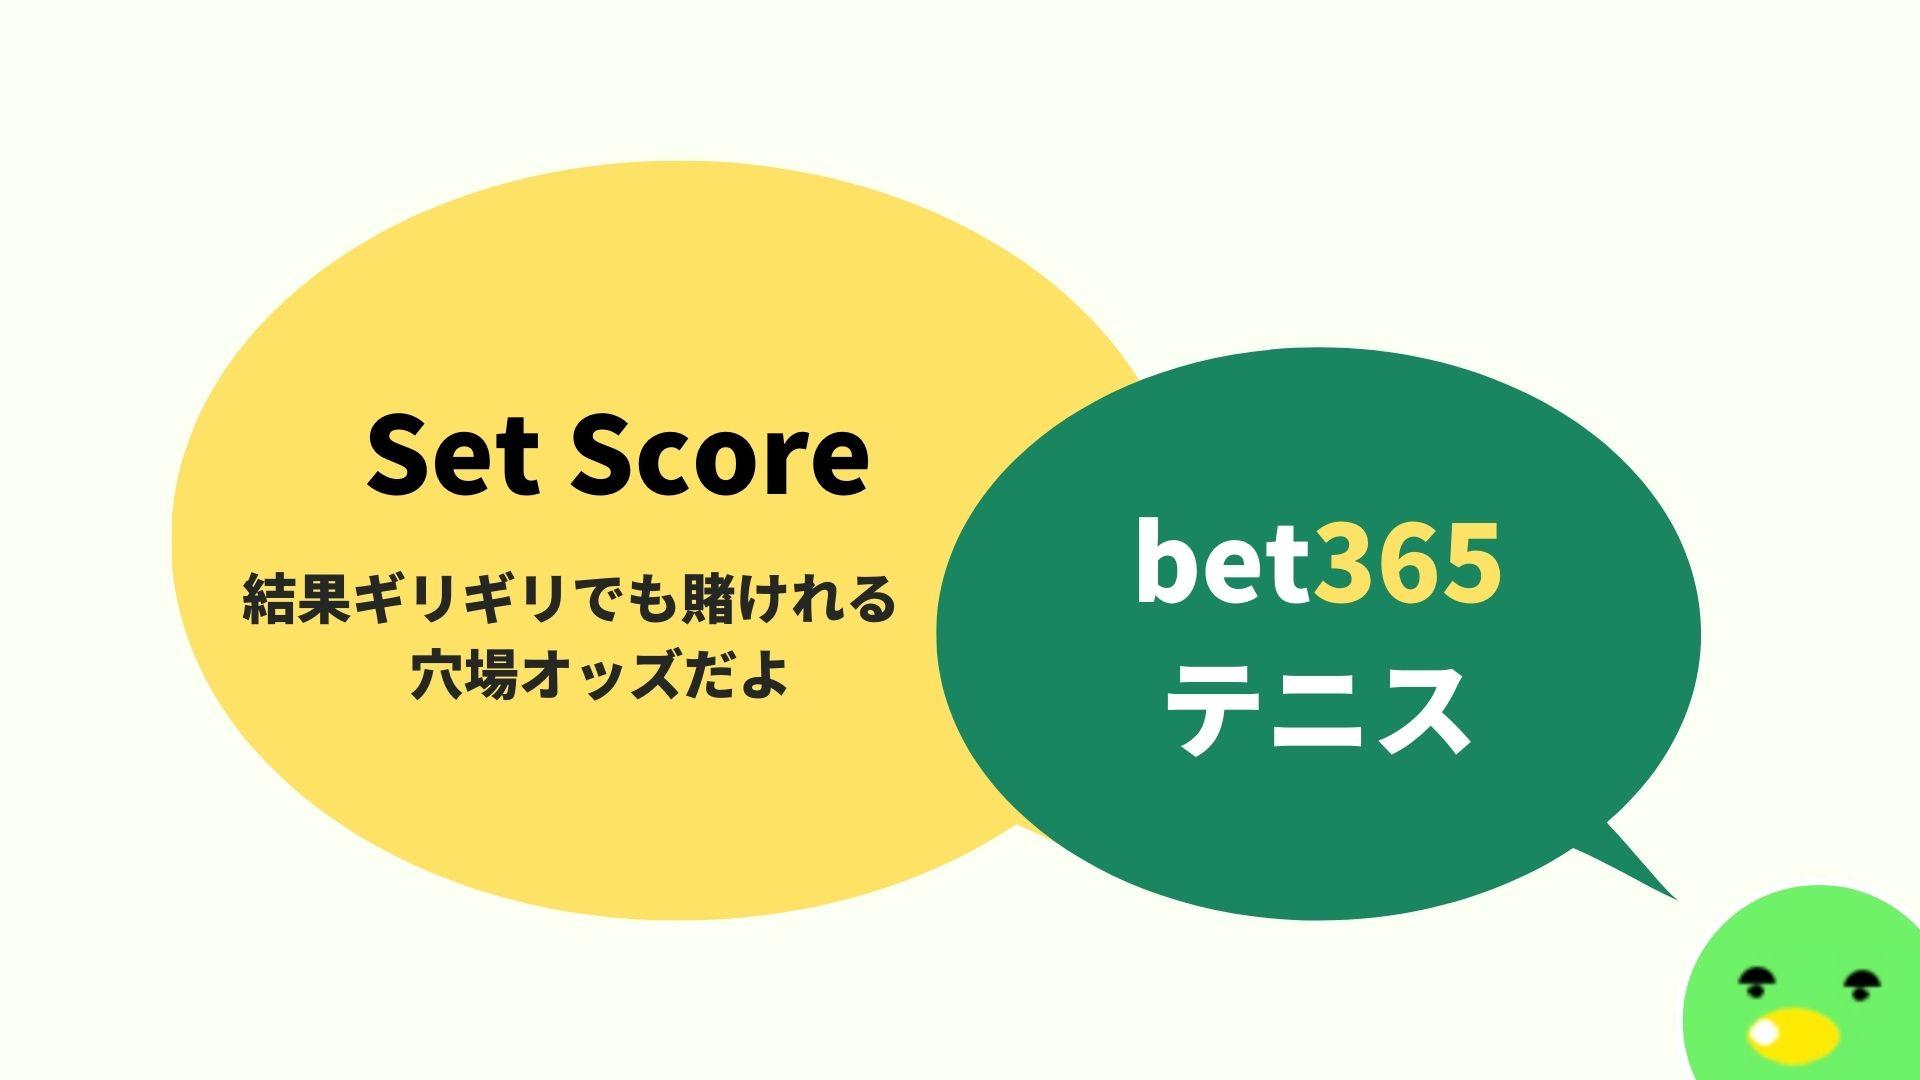 bet365のテニスオッズsetscoreについて